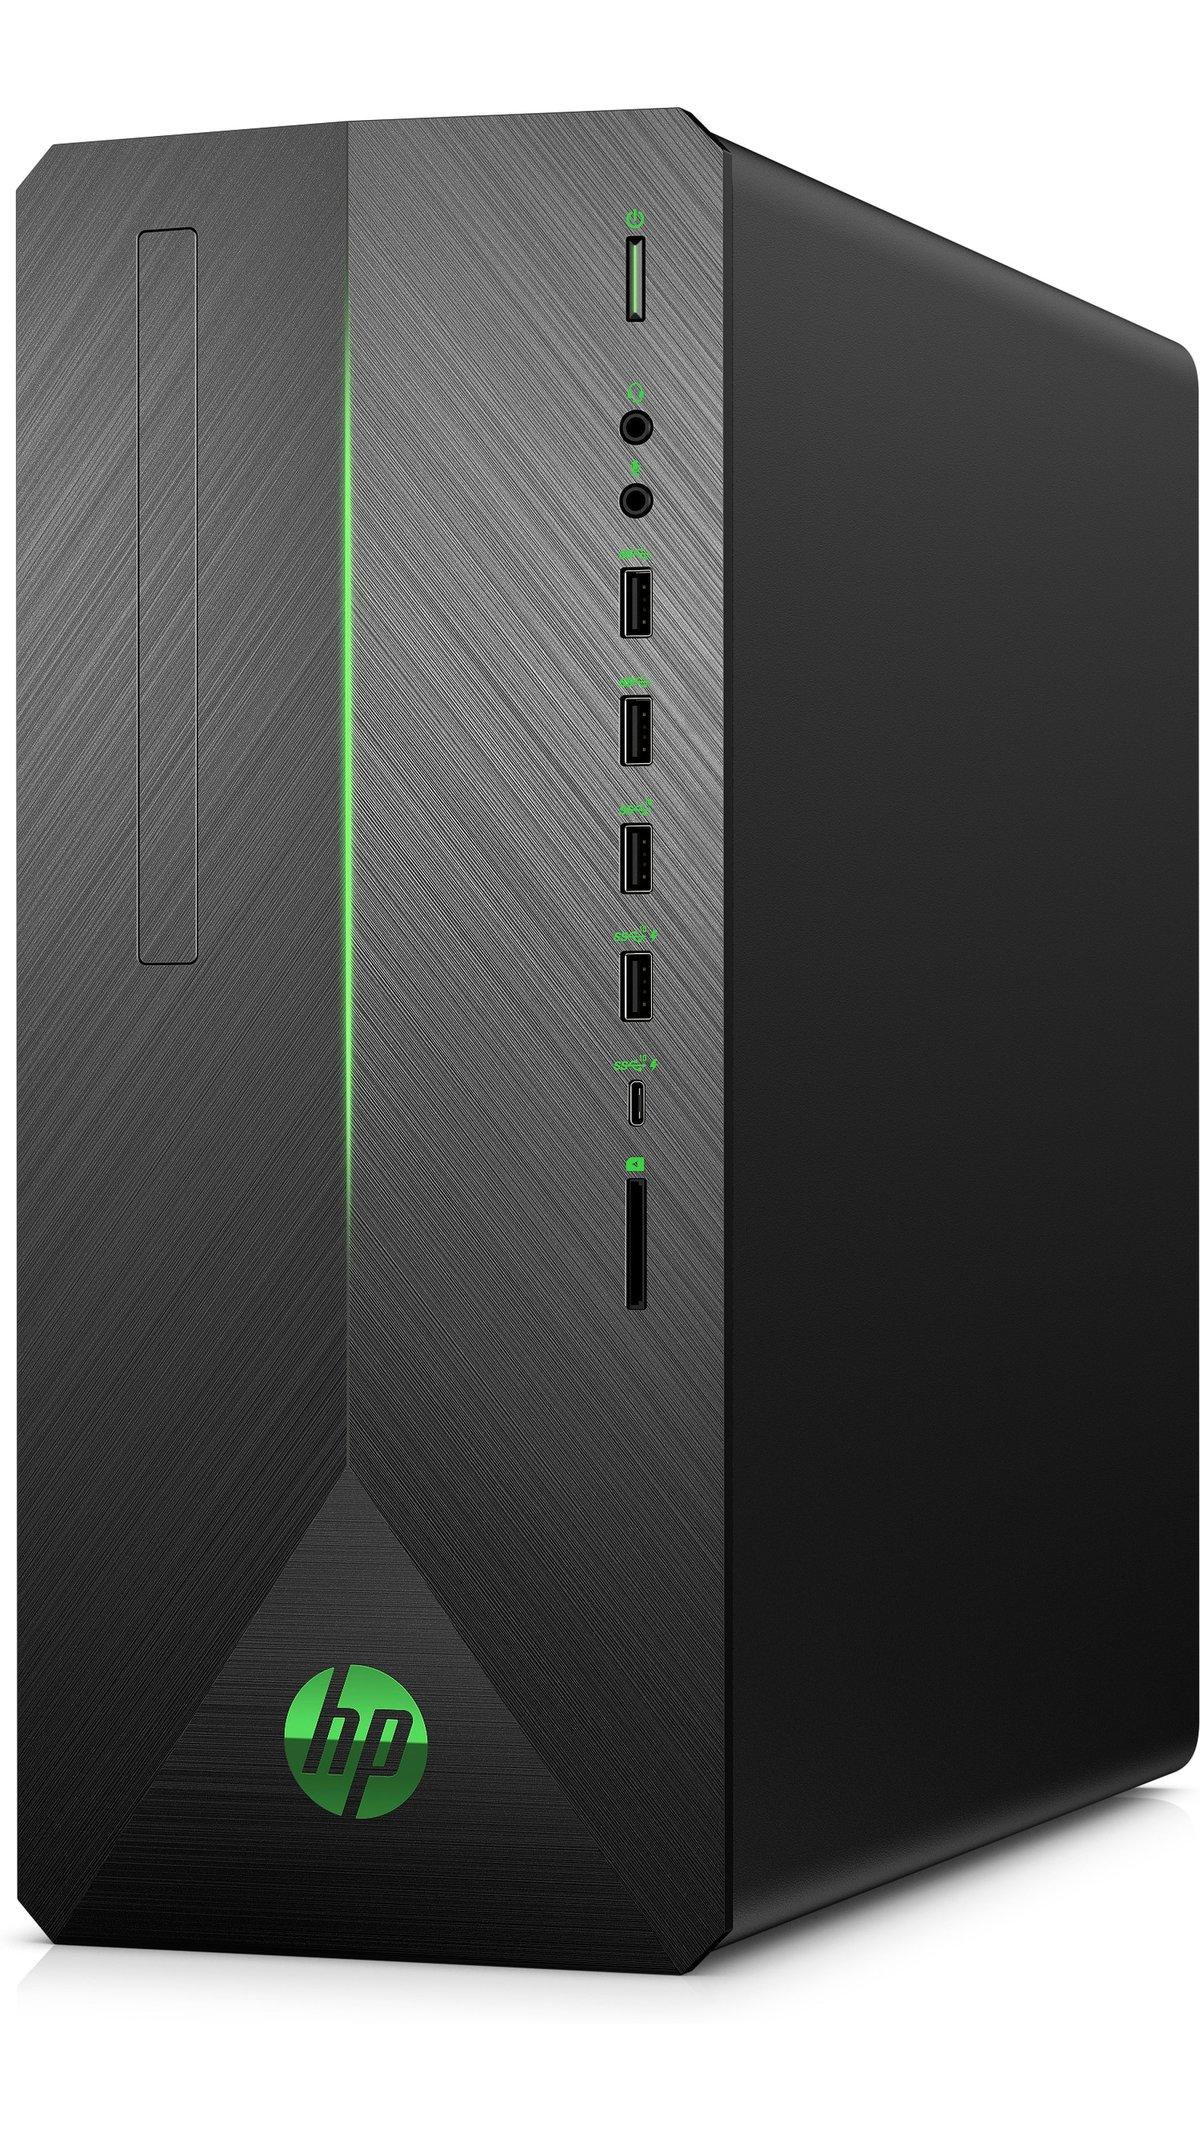 diapositive 1 sur 6,agrandir l'image, hp pavilion gaming desktop 790-0015nf